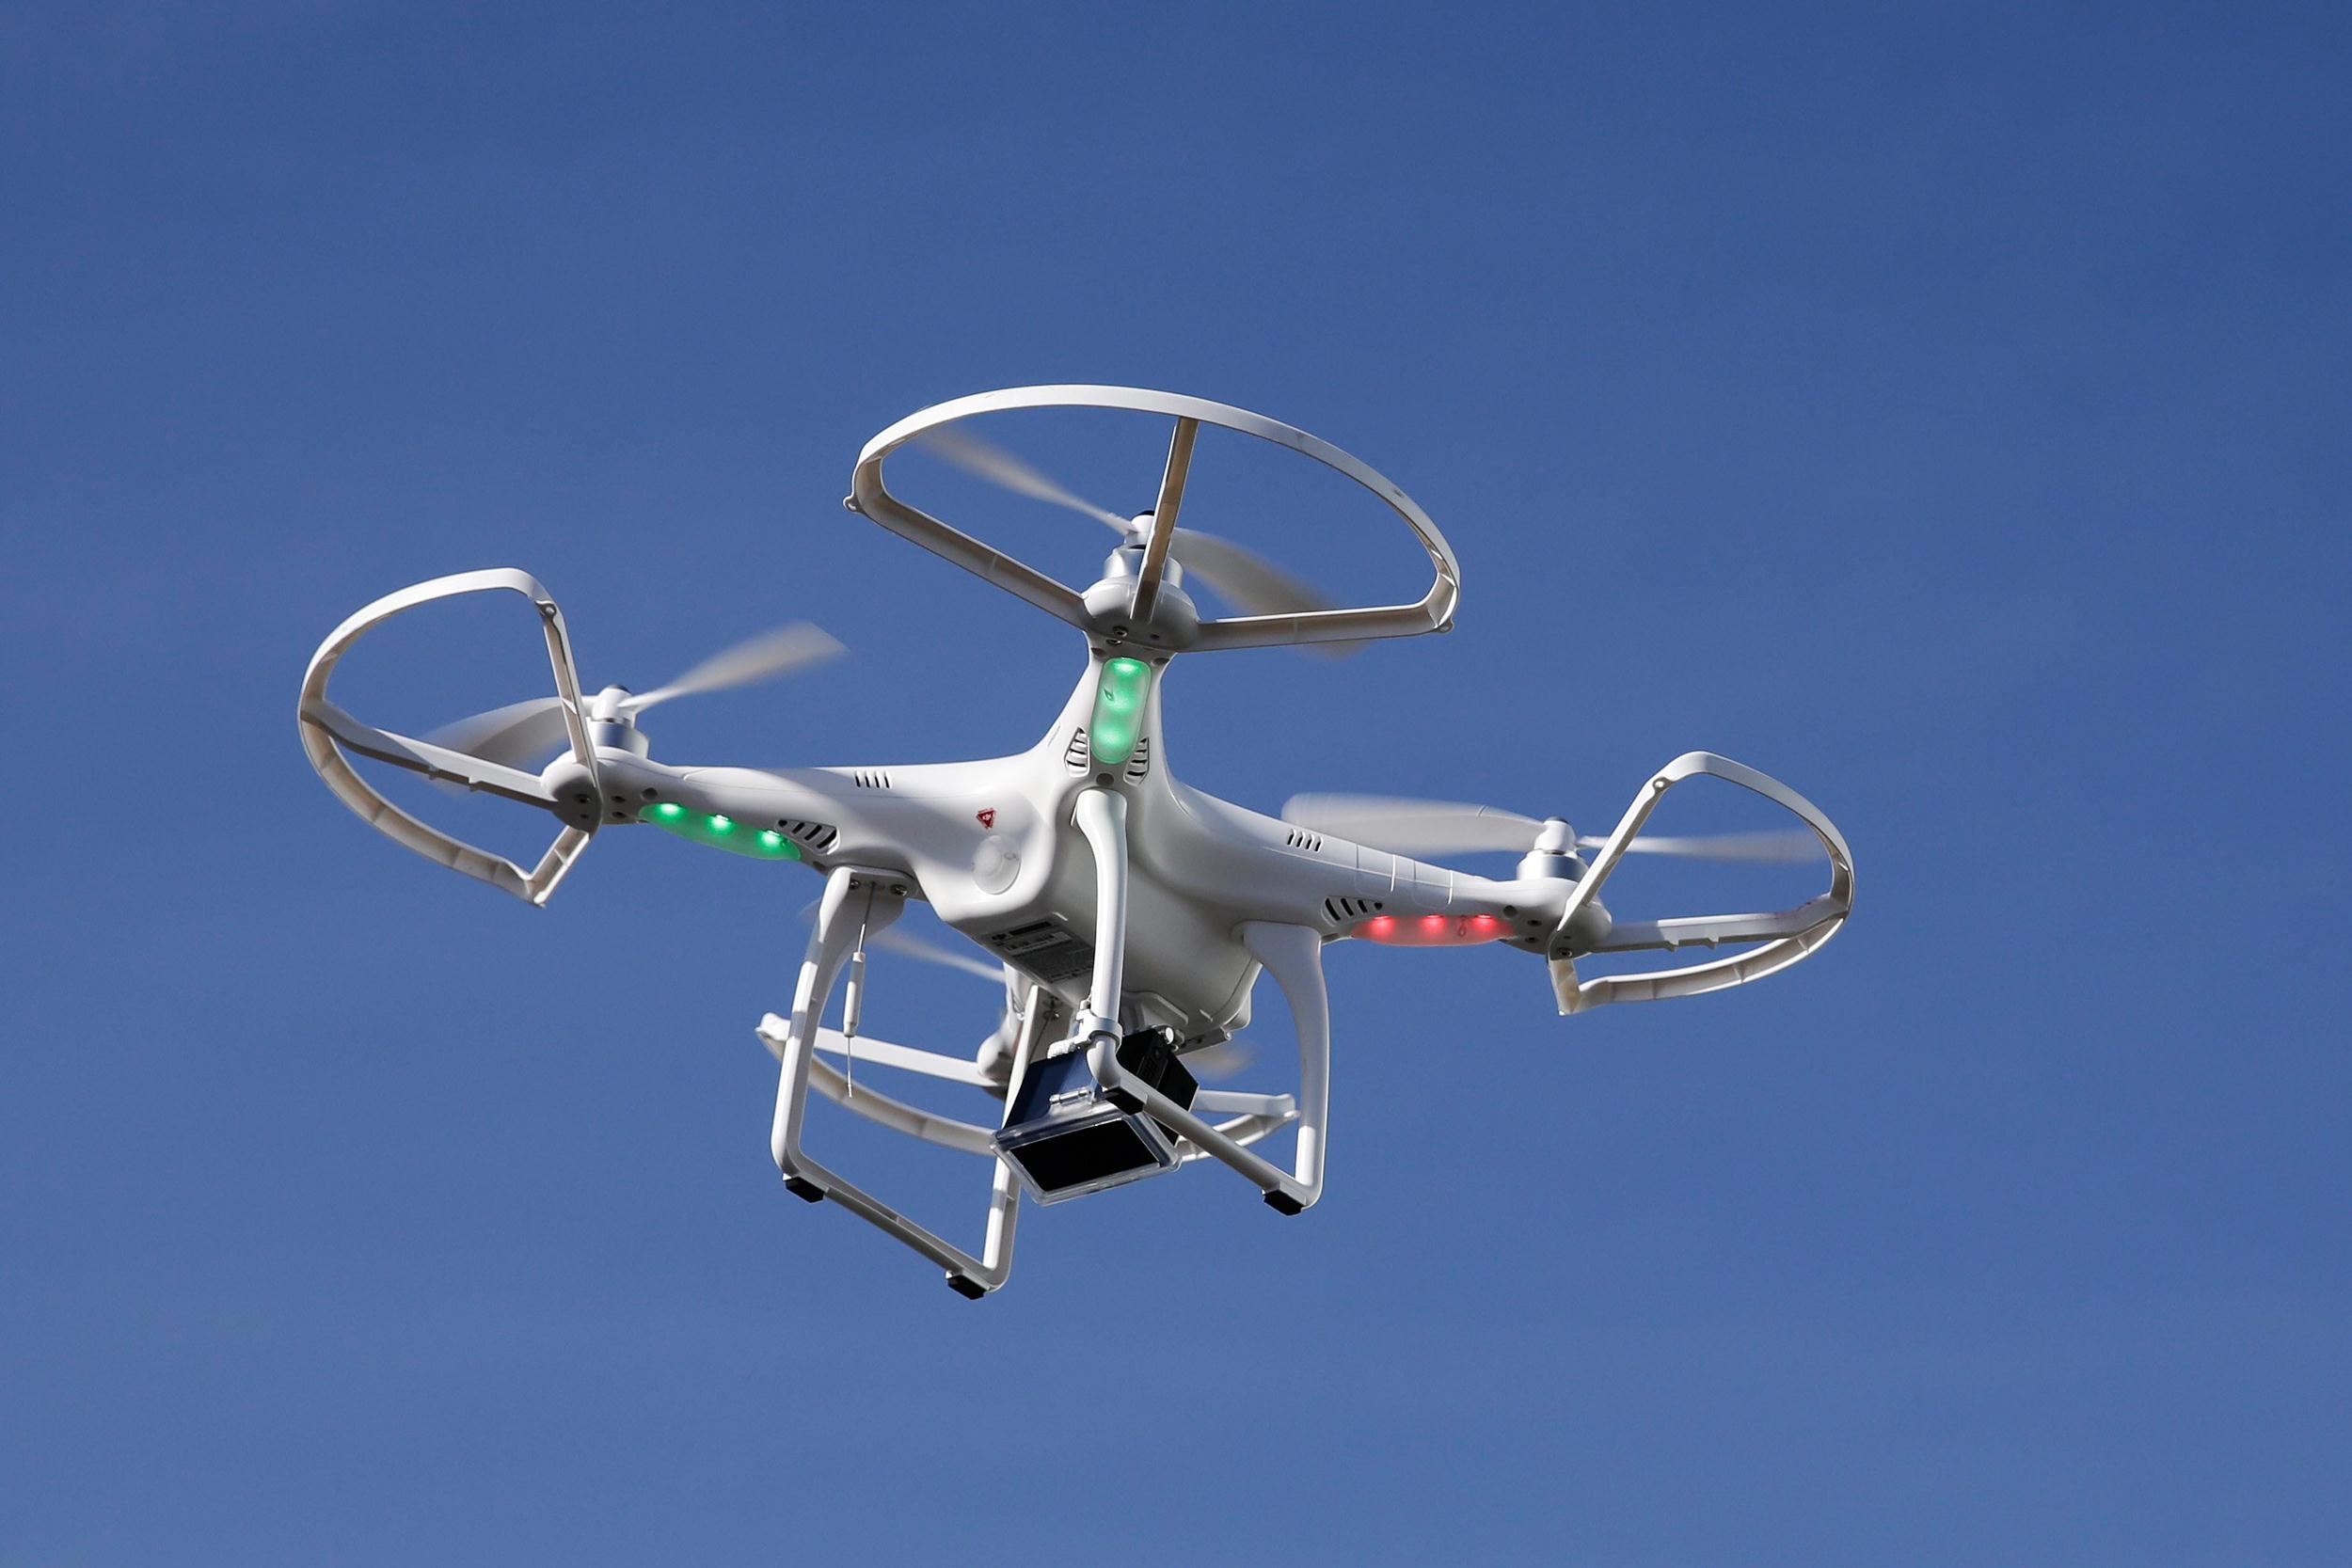 Un total de 1.750 empresas se han registrado ya para operar drones en espana